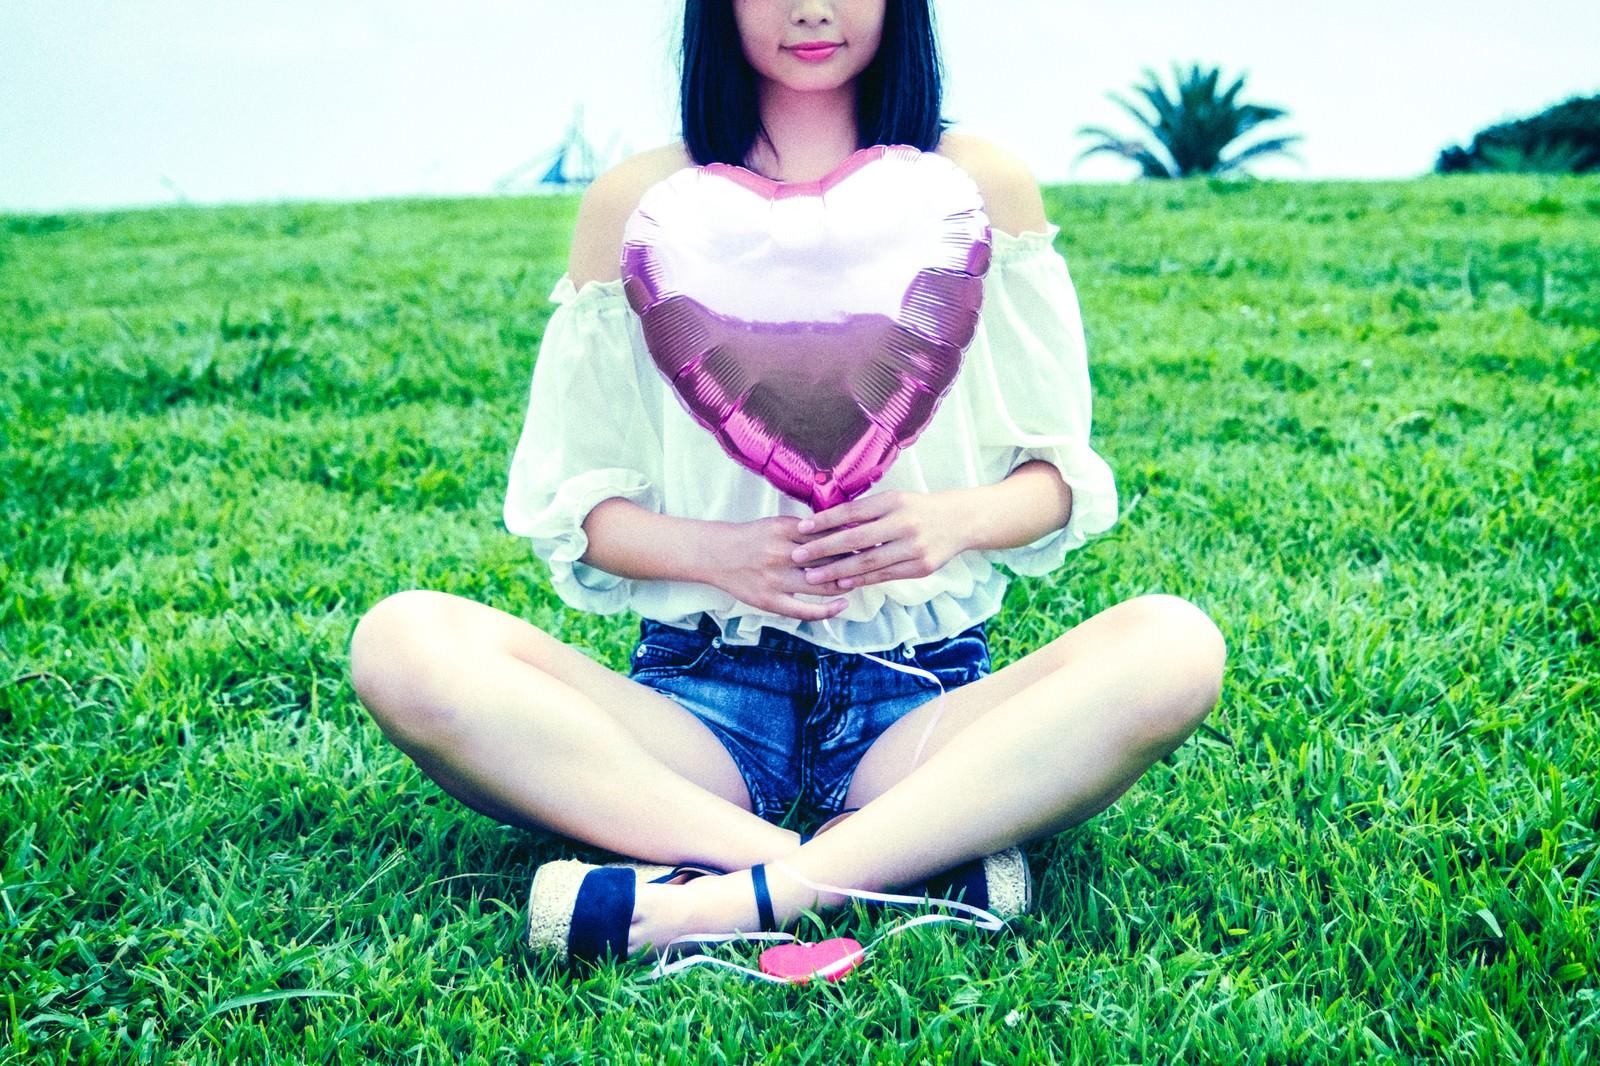 「芝生に座る女子とハートの風船芝生に座る女子とハートの風船」のフリー写真素材を拡大